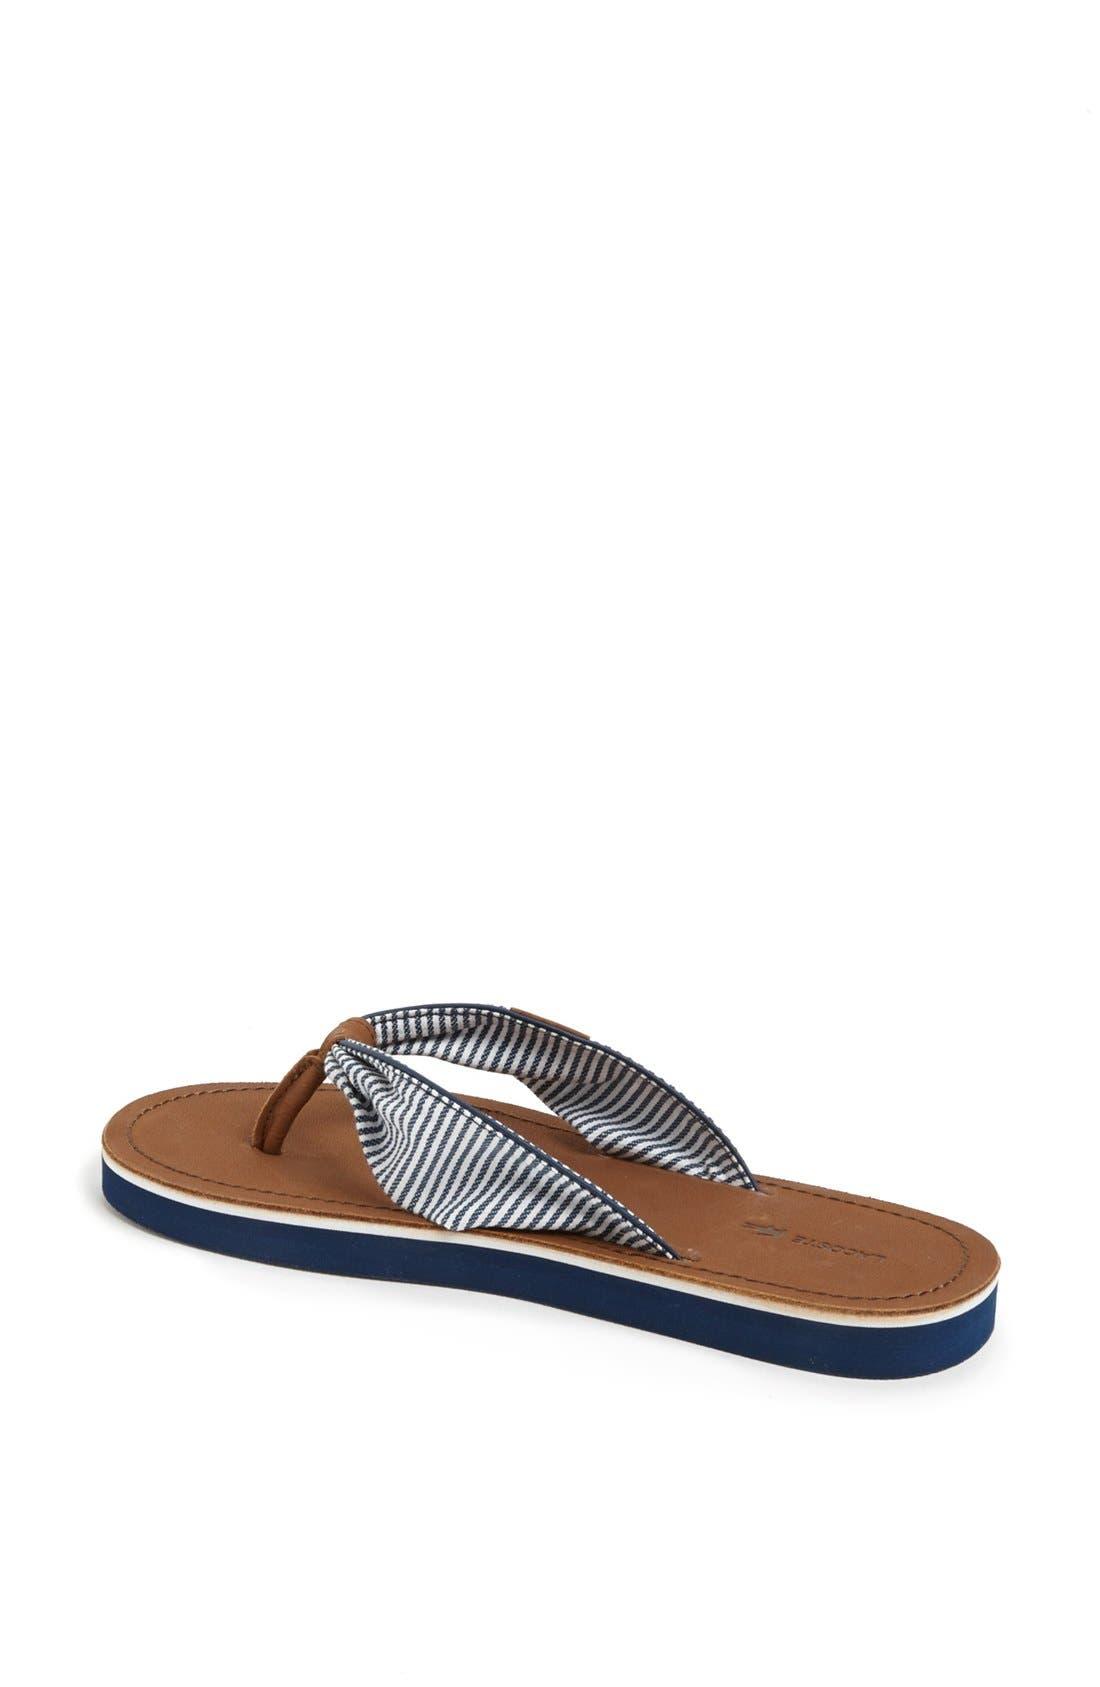 Alternate Image 2  - Lacoste 'Maridell' Sandal